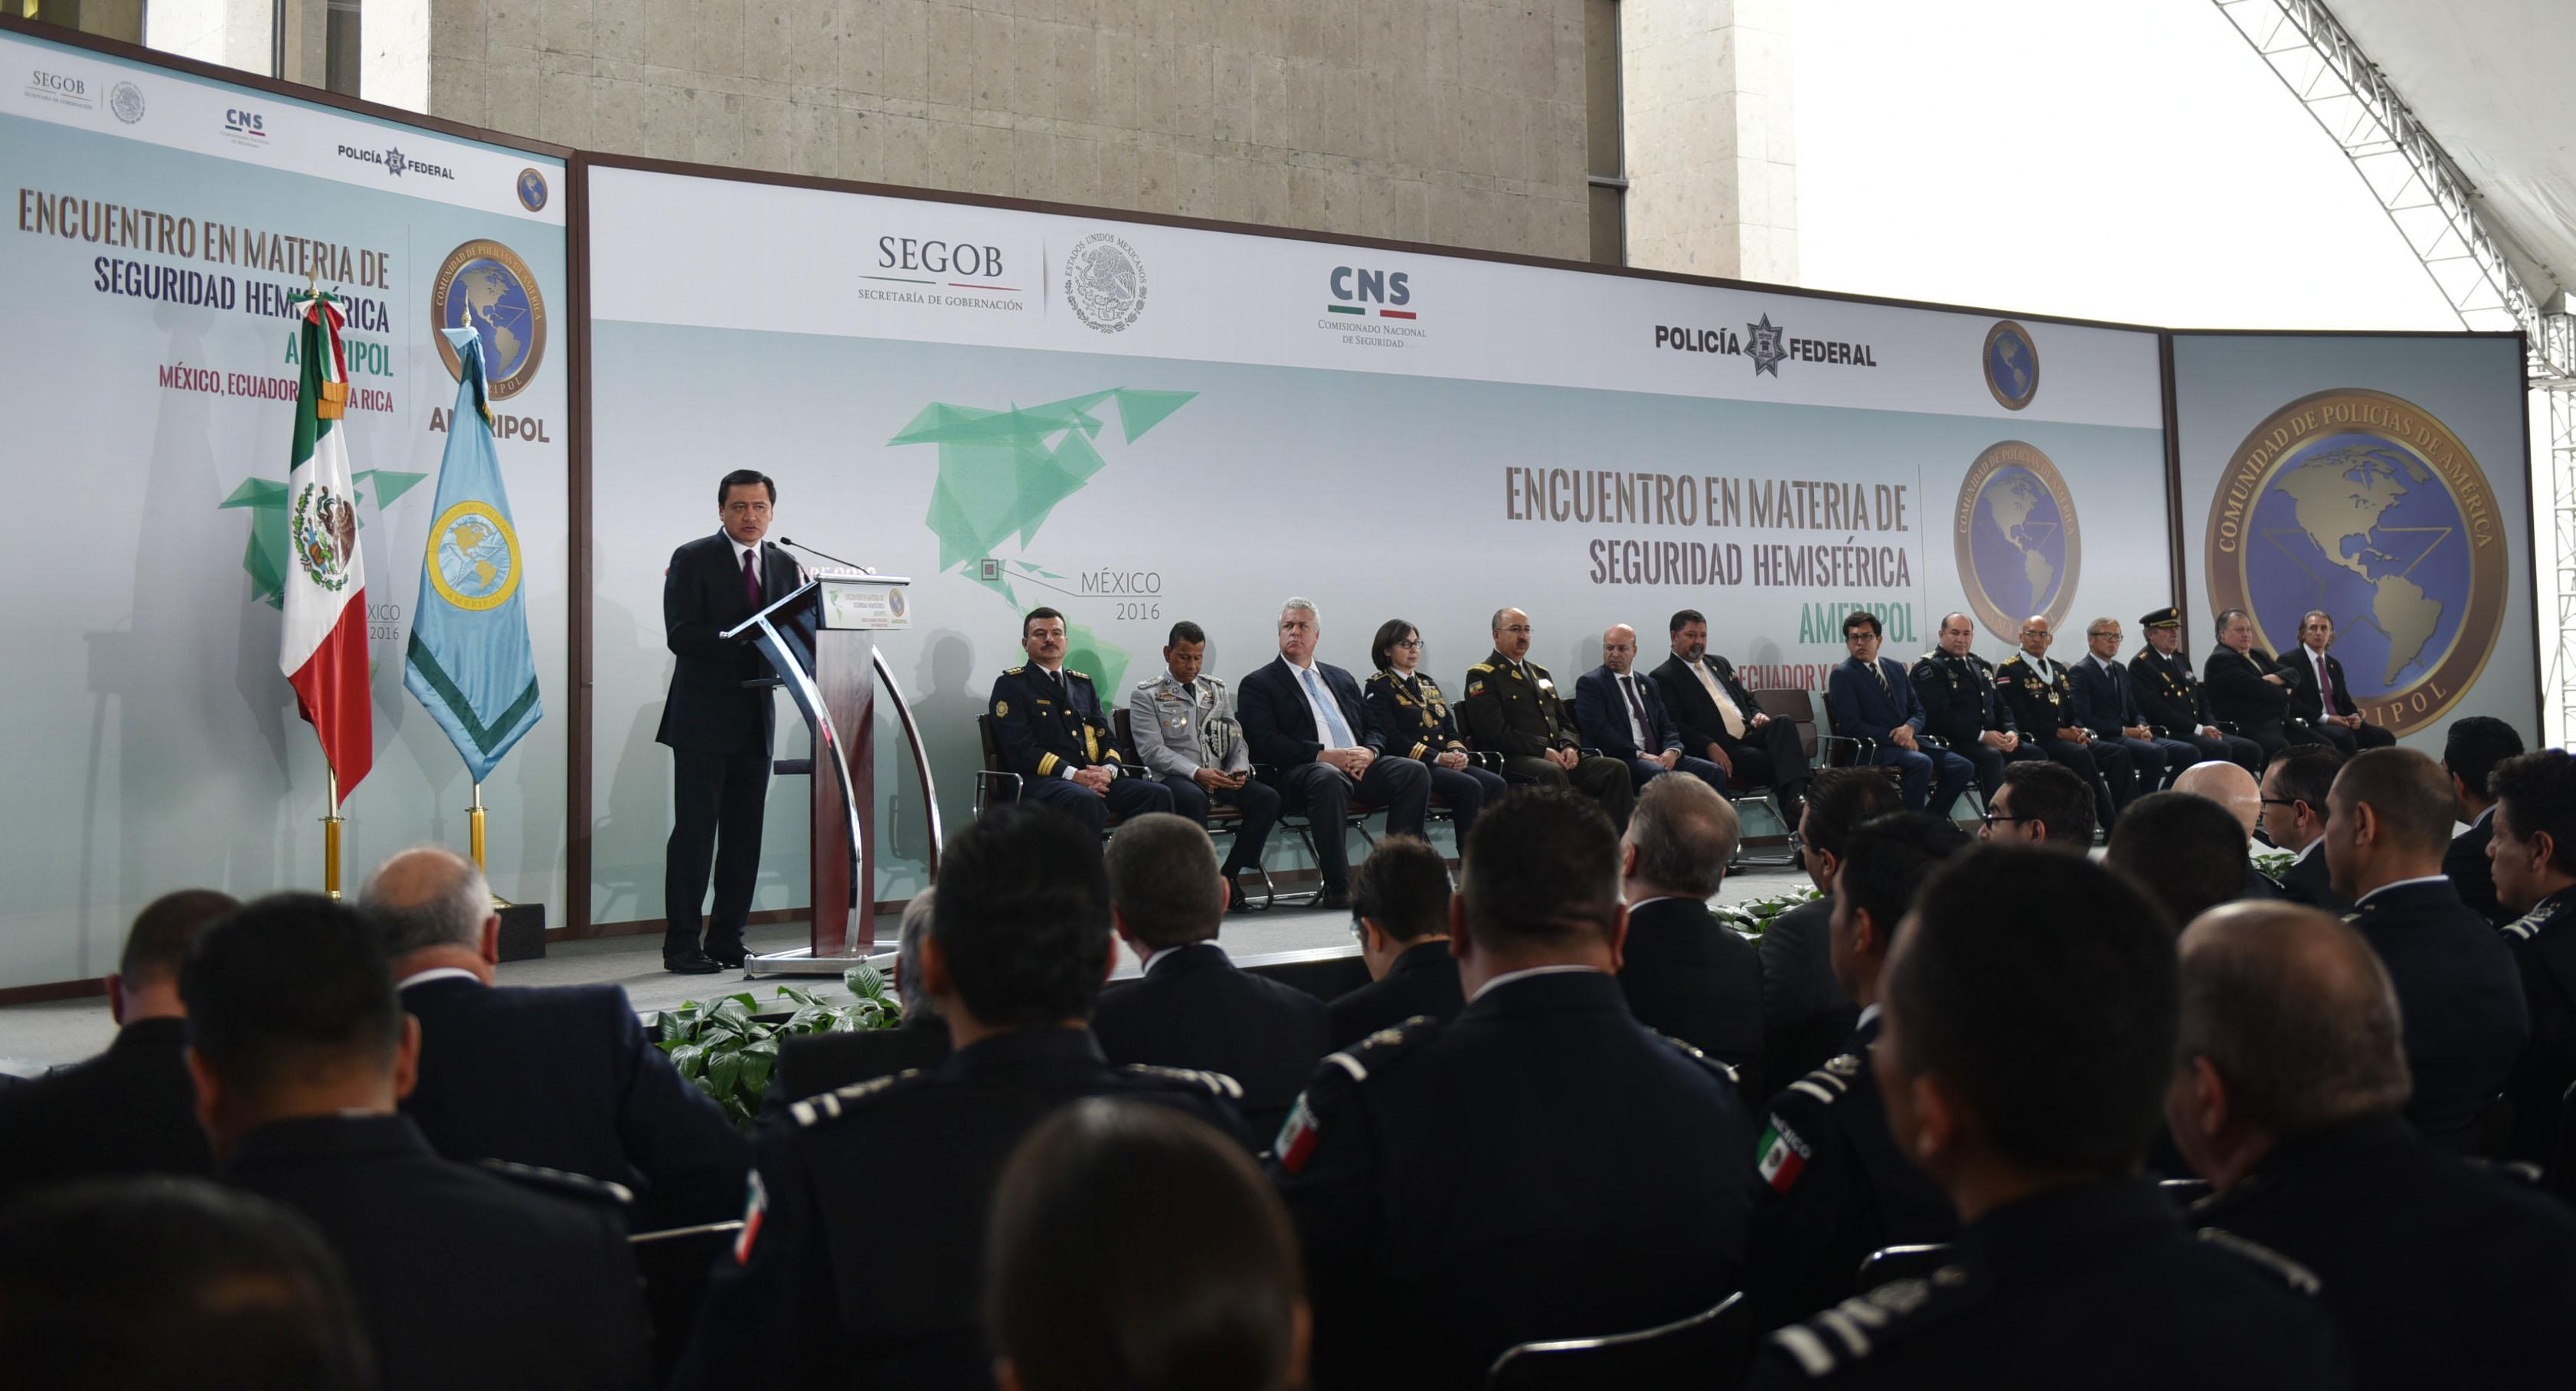 El Secretario de Gobernación, Miguel ángel Osorio Chong, encabezó el Encuentro en Materia de Seguridad Hemisférica de la AMERIPOL